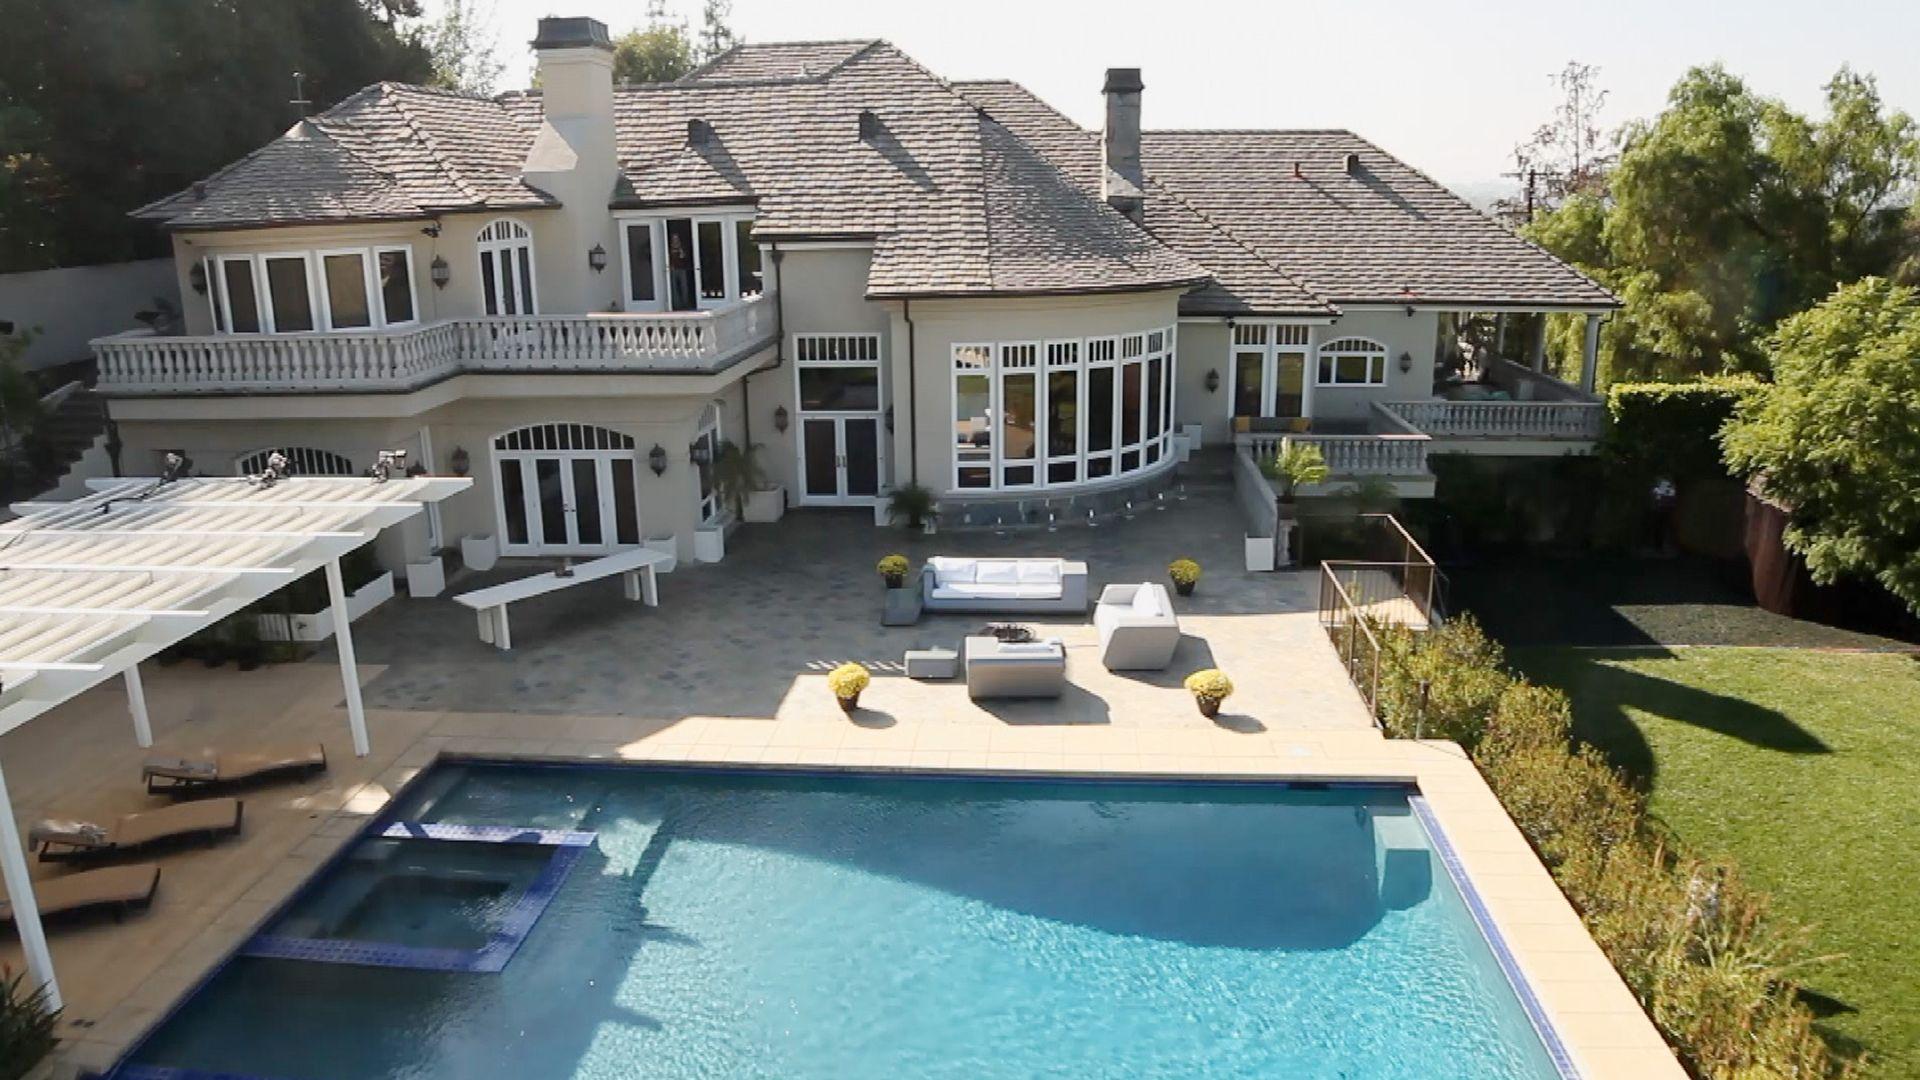 die bachelor villa luxuri ses leben f r oliver. Black Bedroom Furniture Sets. Home Design Ideas